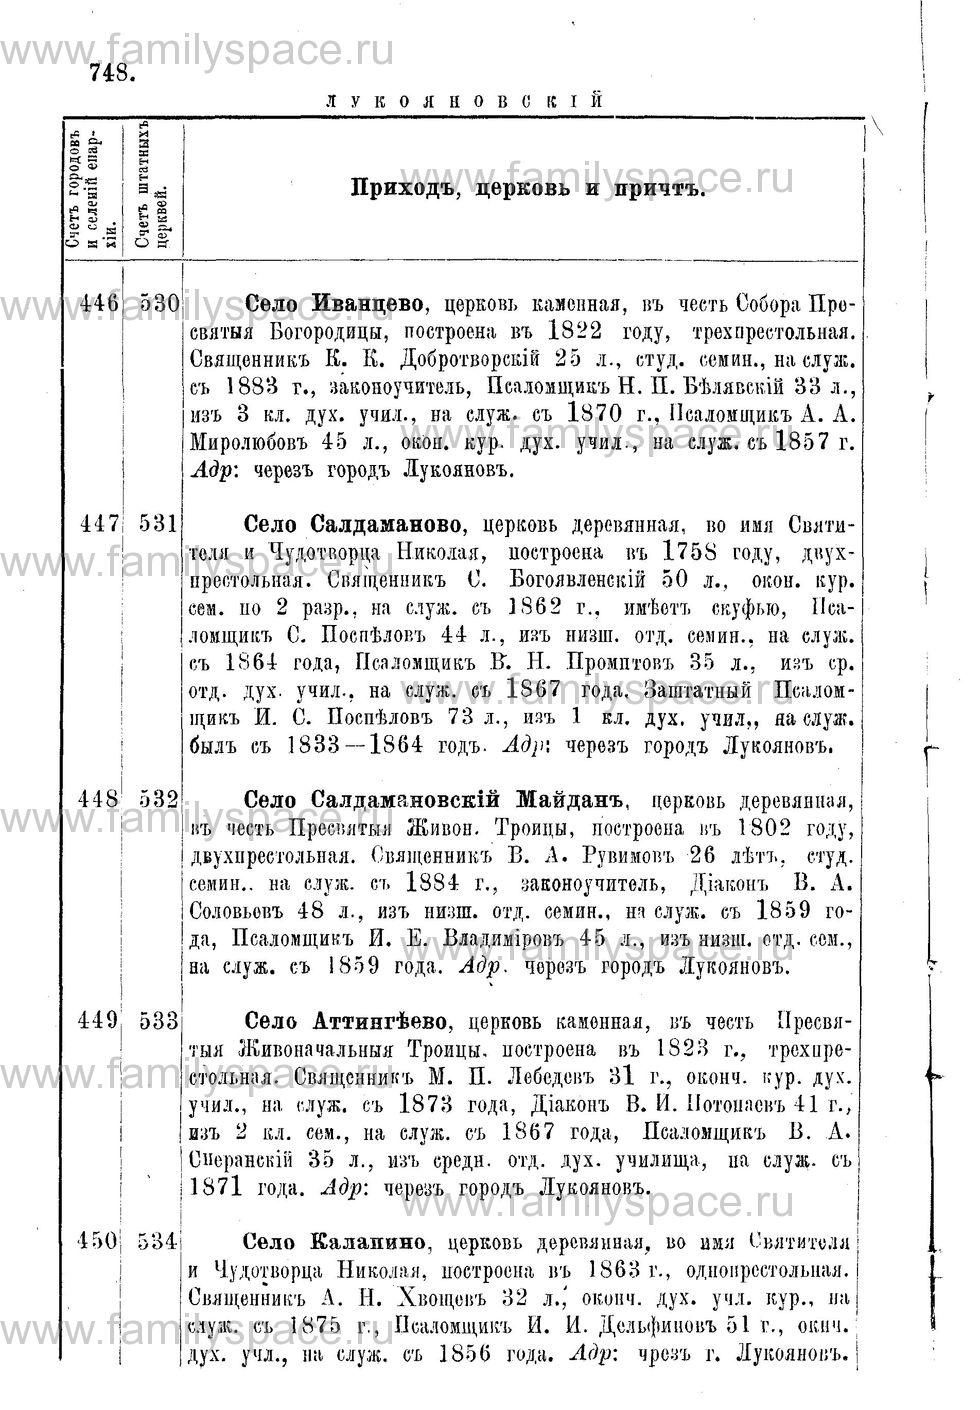 Поиск по фамилии - Адрес-календарь Нижегородской епархии на 1888 год, страница 1748